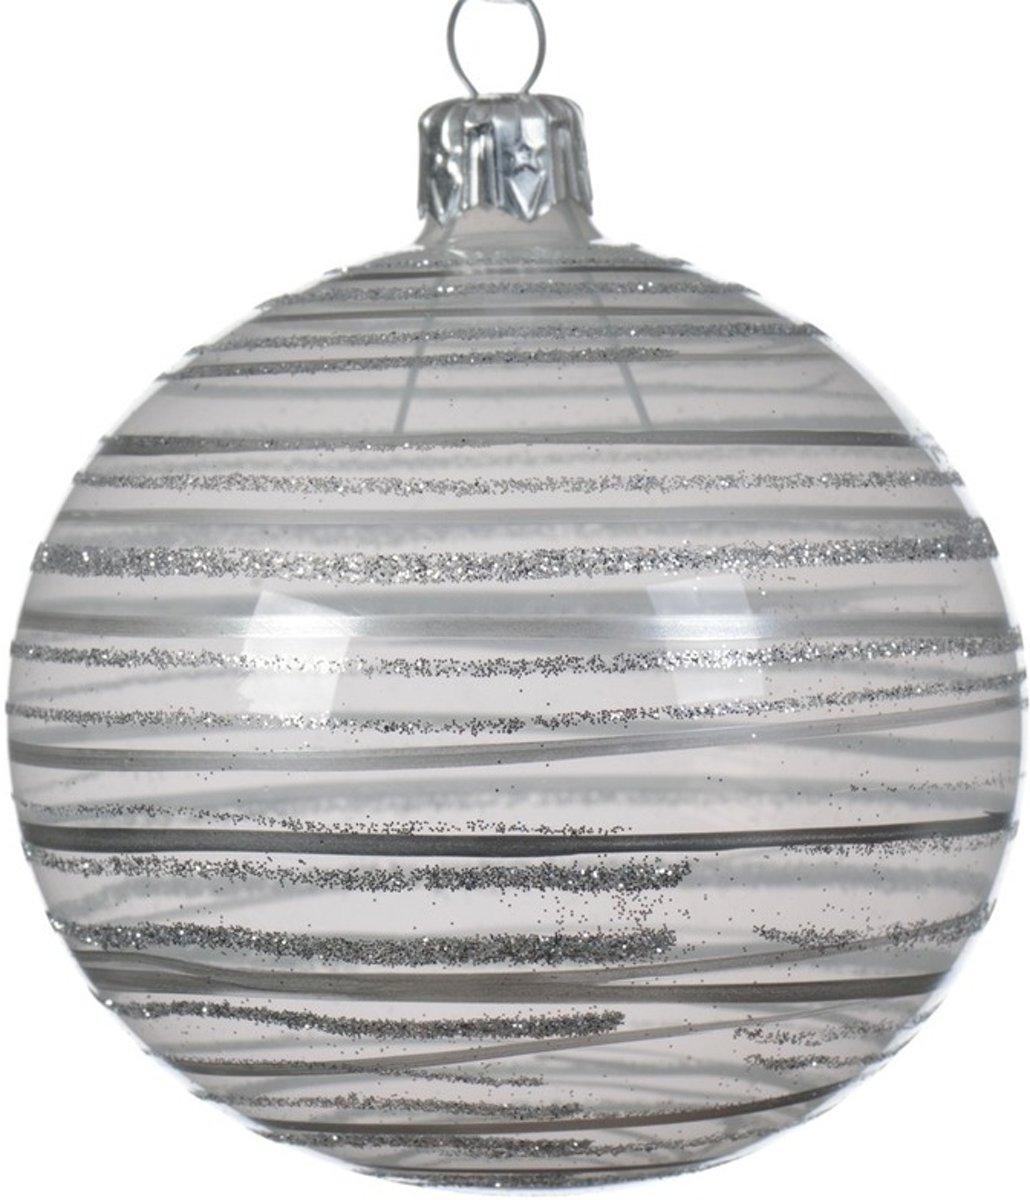 6x Champagne kerstversiering transparante kerstballen glas 8 cm kopen